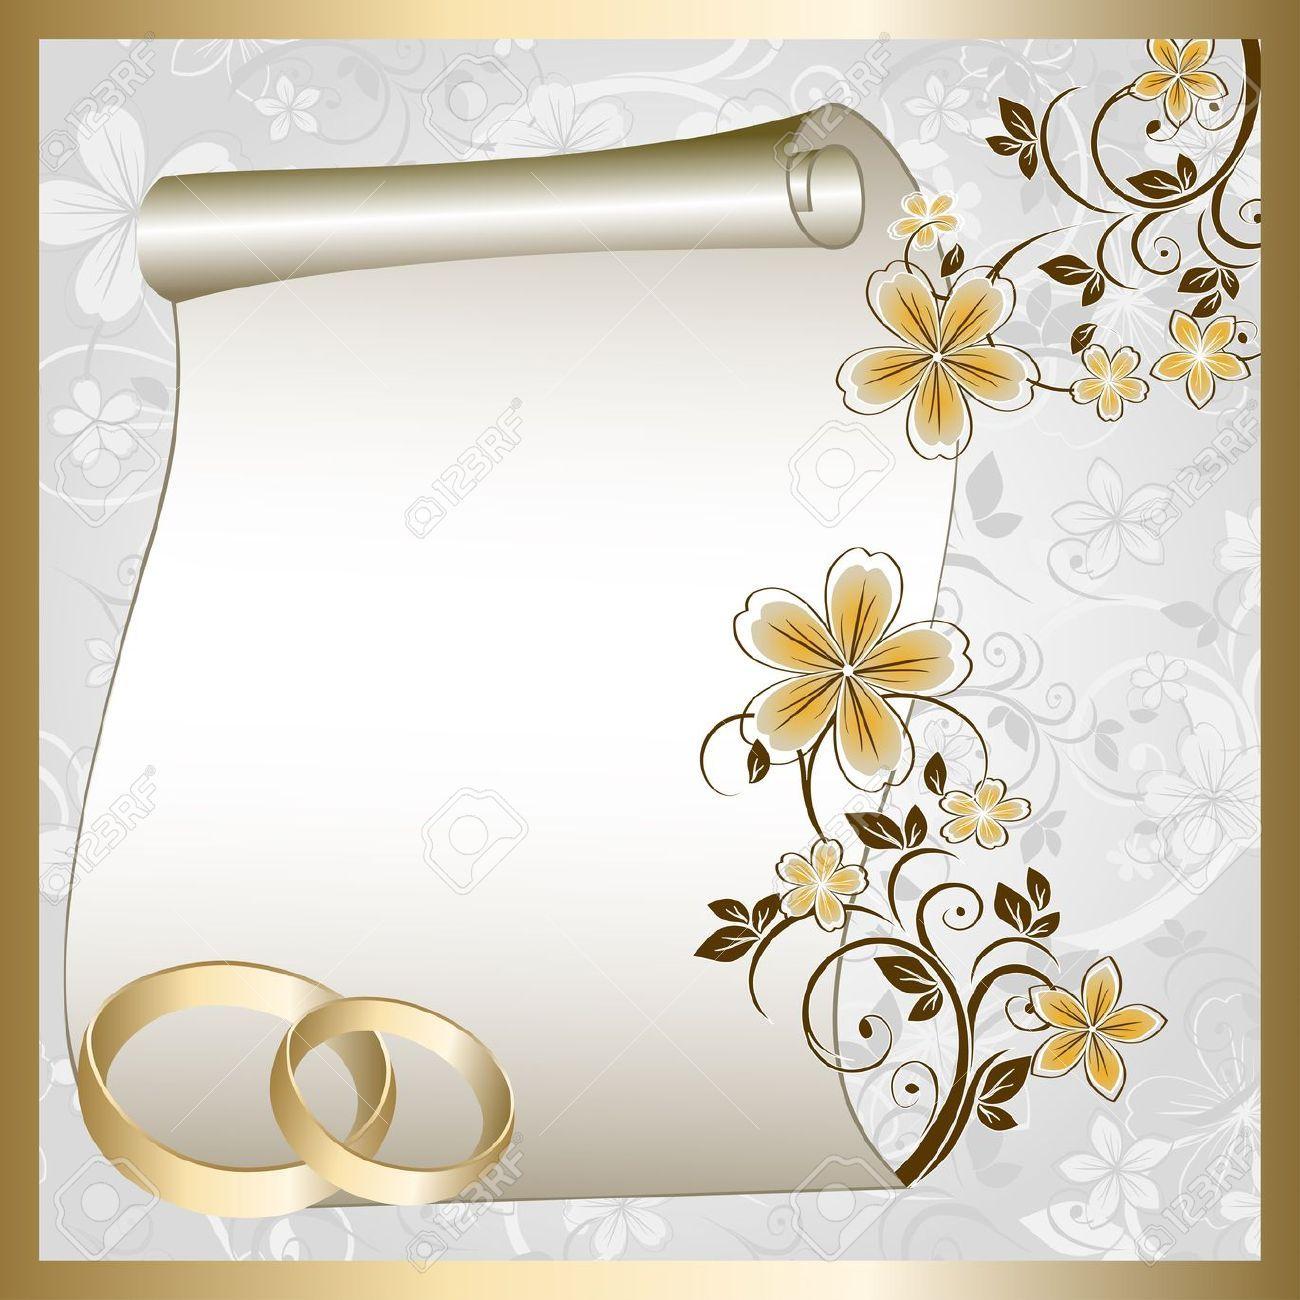 10594257 tarjetas de boda con un patr n floral y lugar - Tarjeta de boda ...